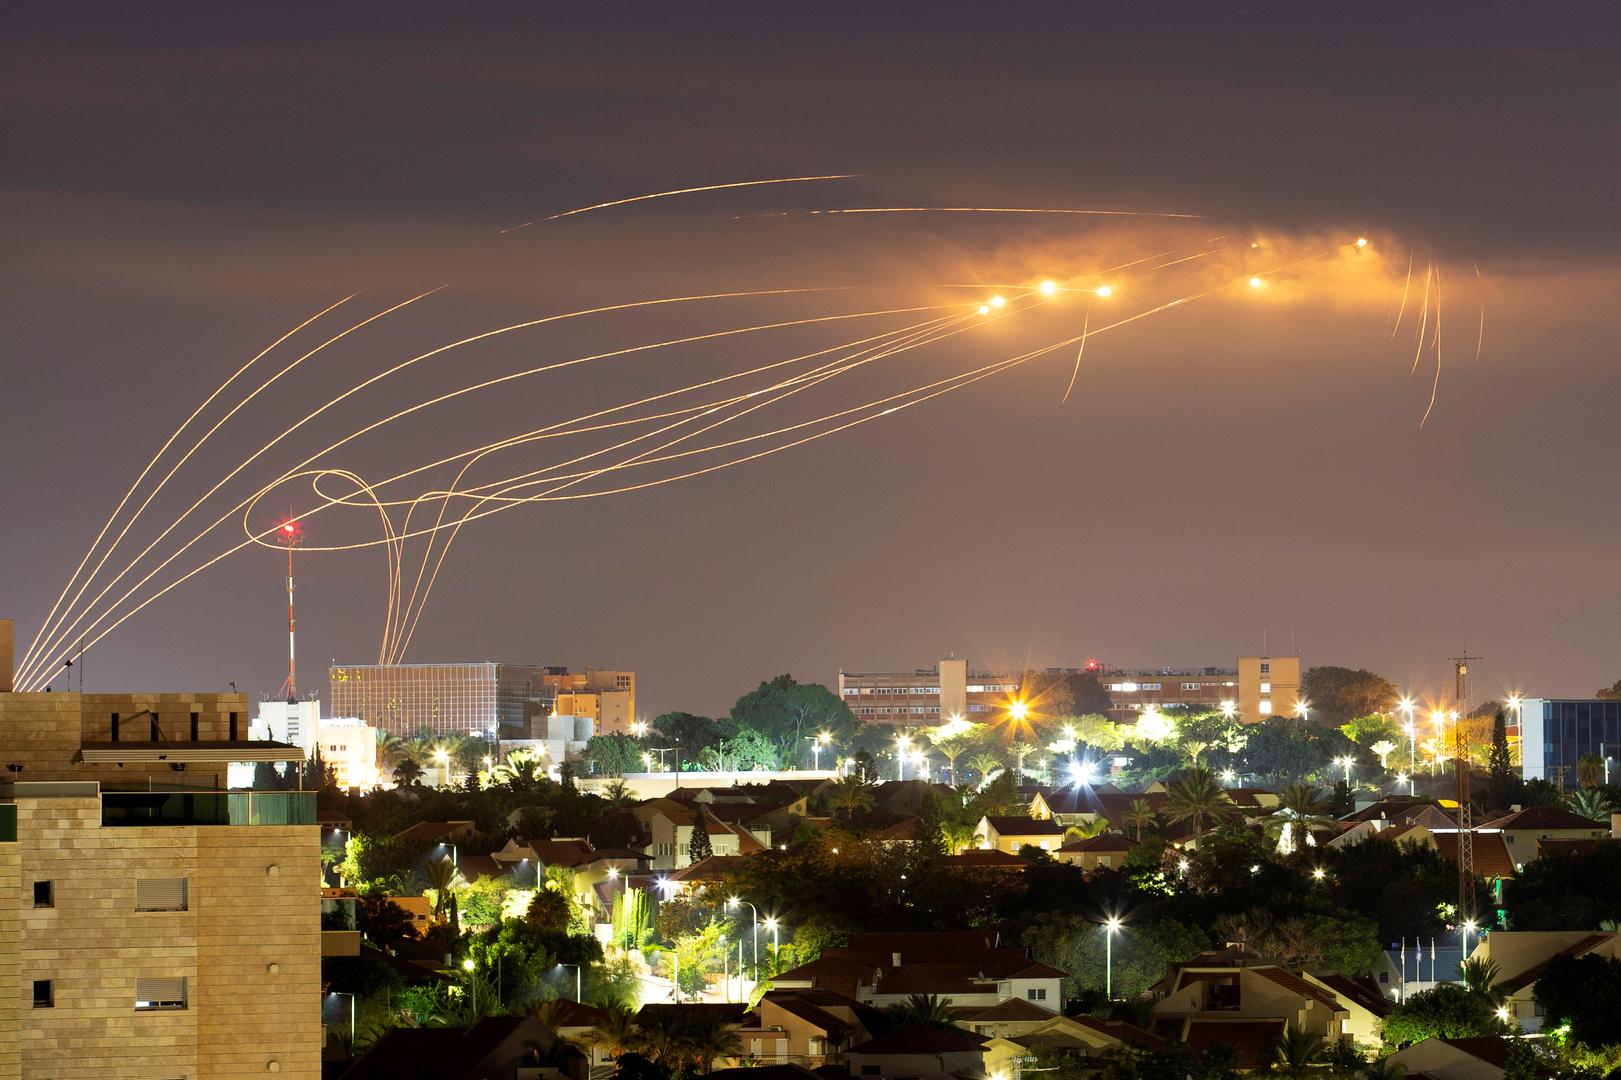 إصابات بسقوط صاريخ على جنوب إسرائيل تزامنا مع توقيع اتفاق التطبيع